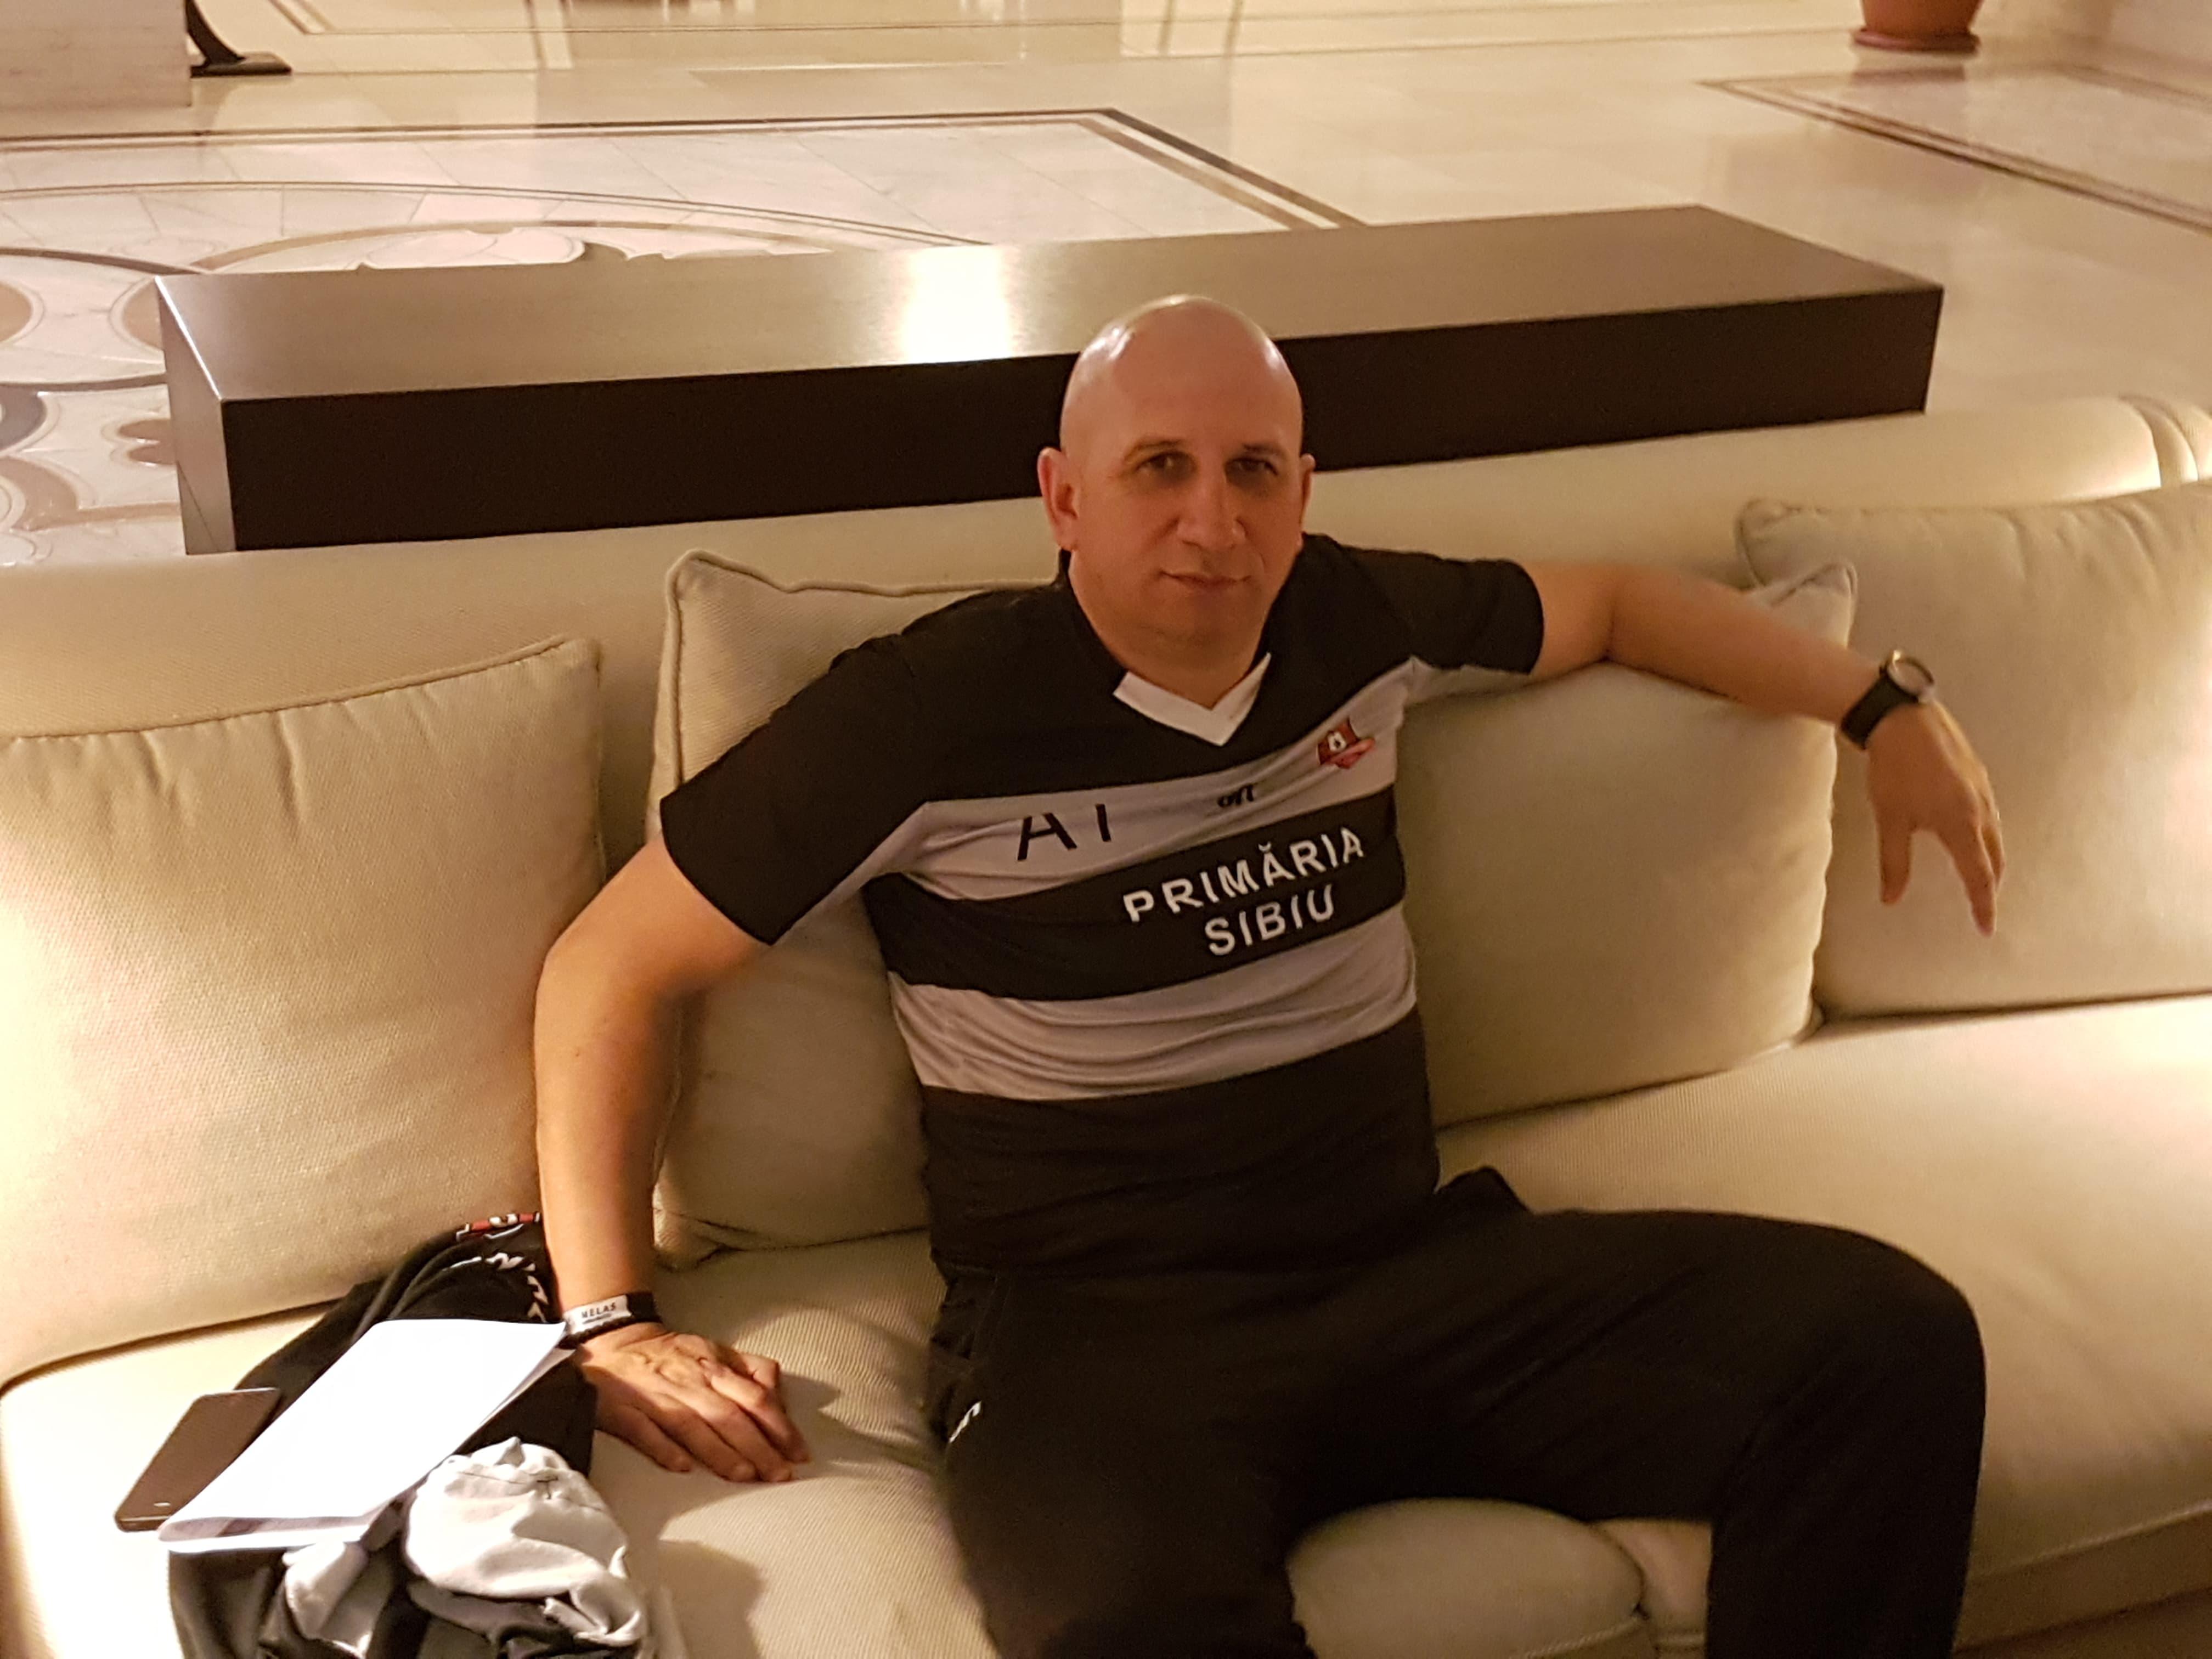 Vasile Miriuță interviu premium pentru Fanatik